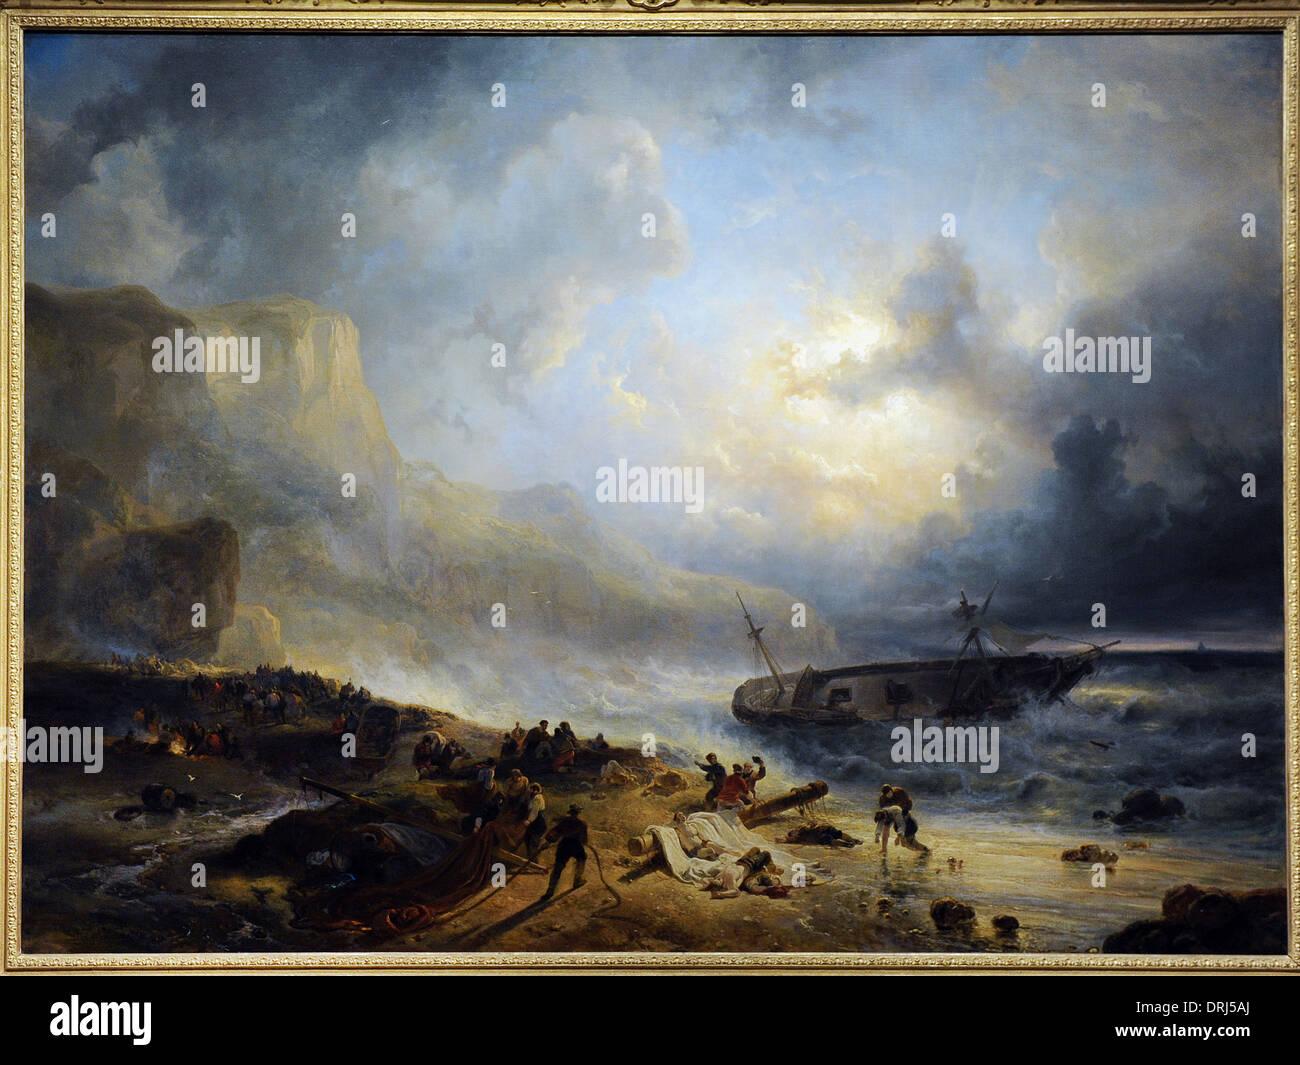 Wijnand Nuijen (1813-1839). Peintre hollandais. Naufrage au large d'une côte rocheuse, c.1837. Rijksmuseum. Amsterdam. La Hollande. Photo Stock